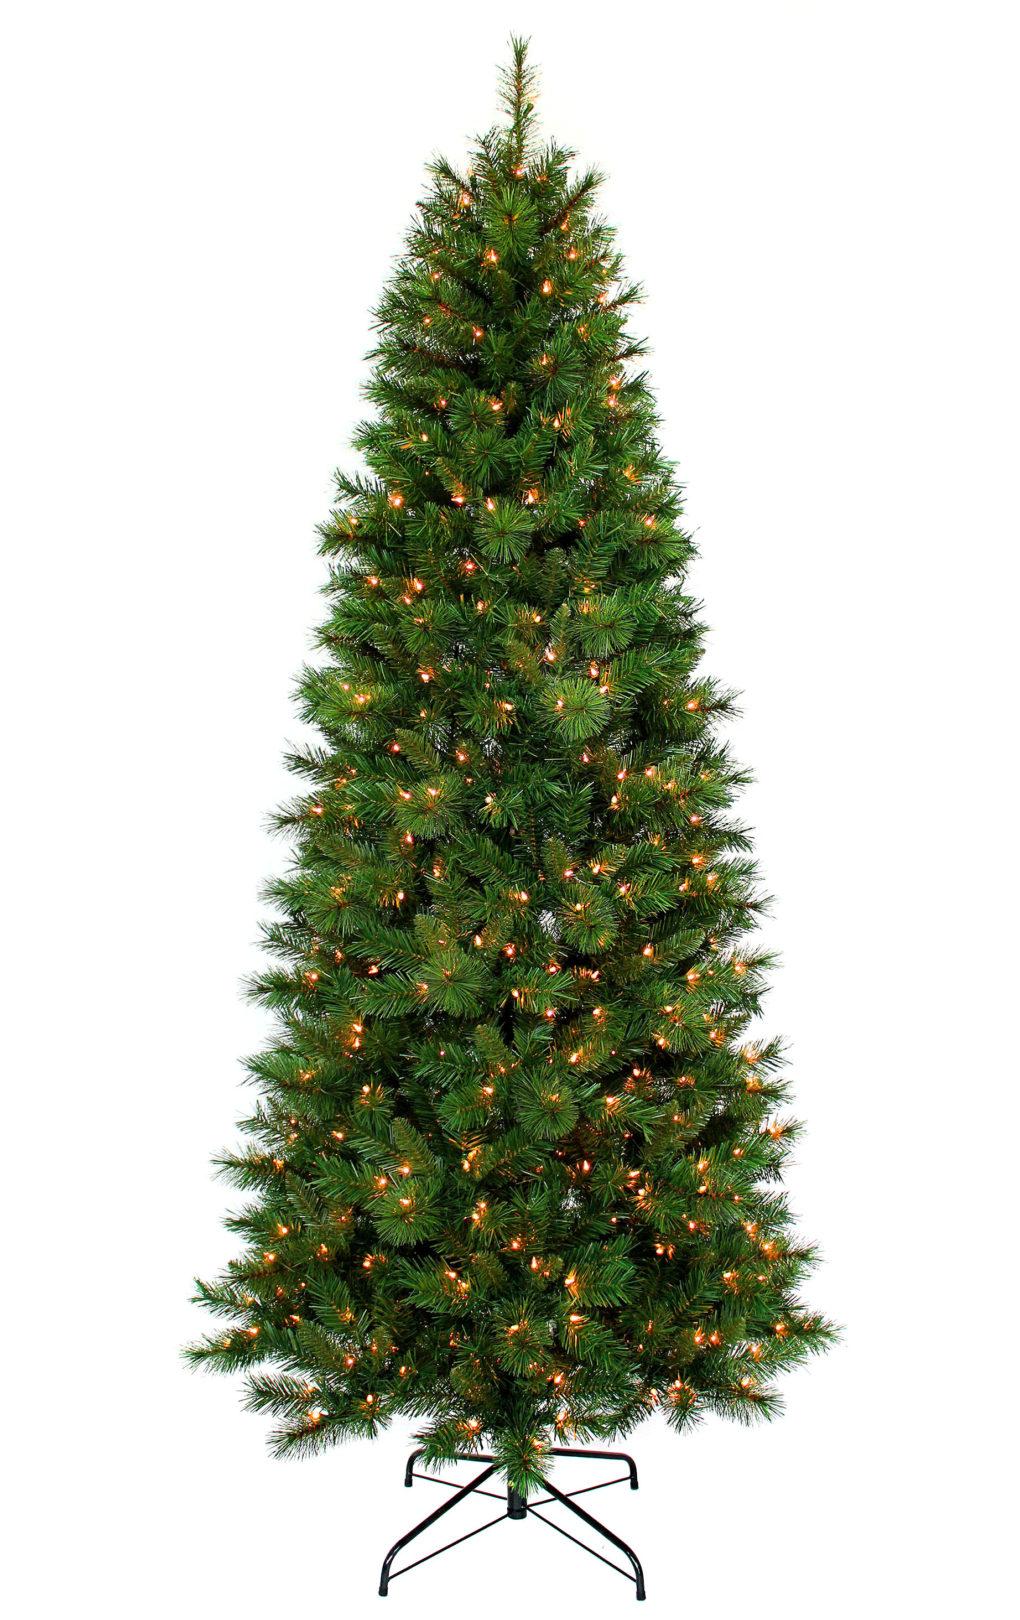 Christmas Trees & Décor – Equinox 2, Inc.